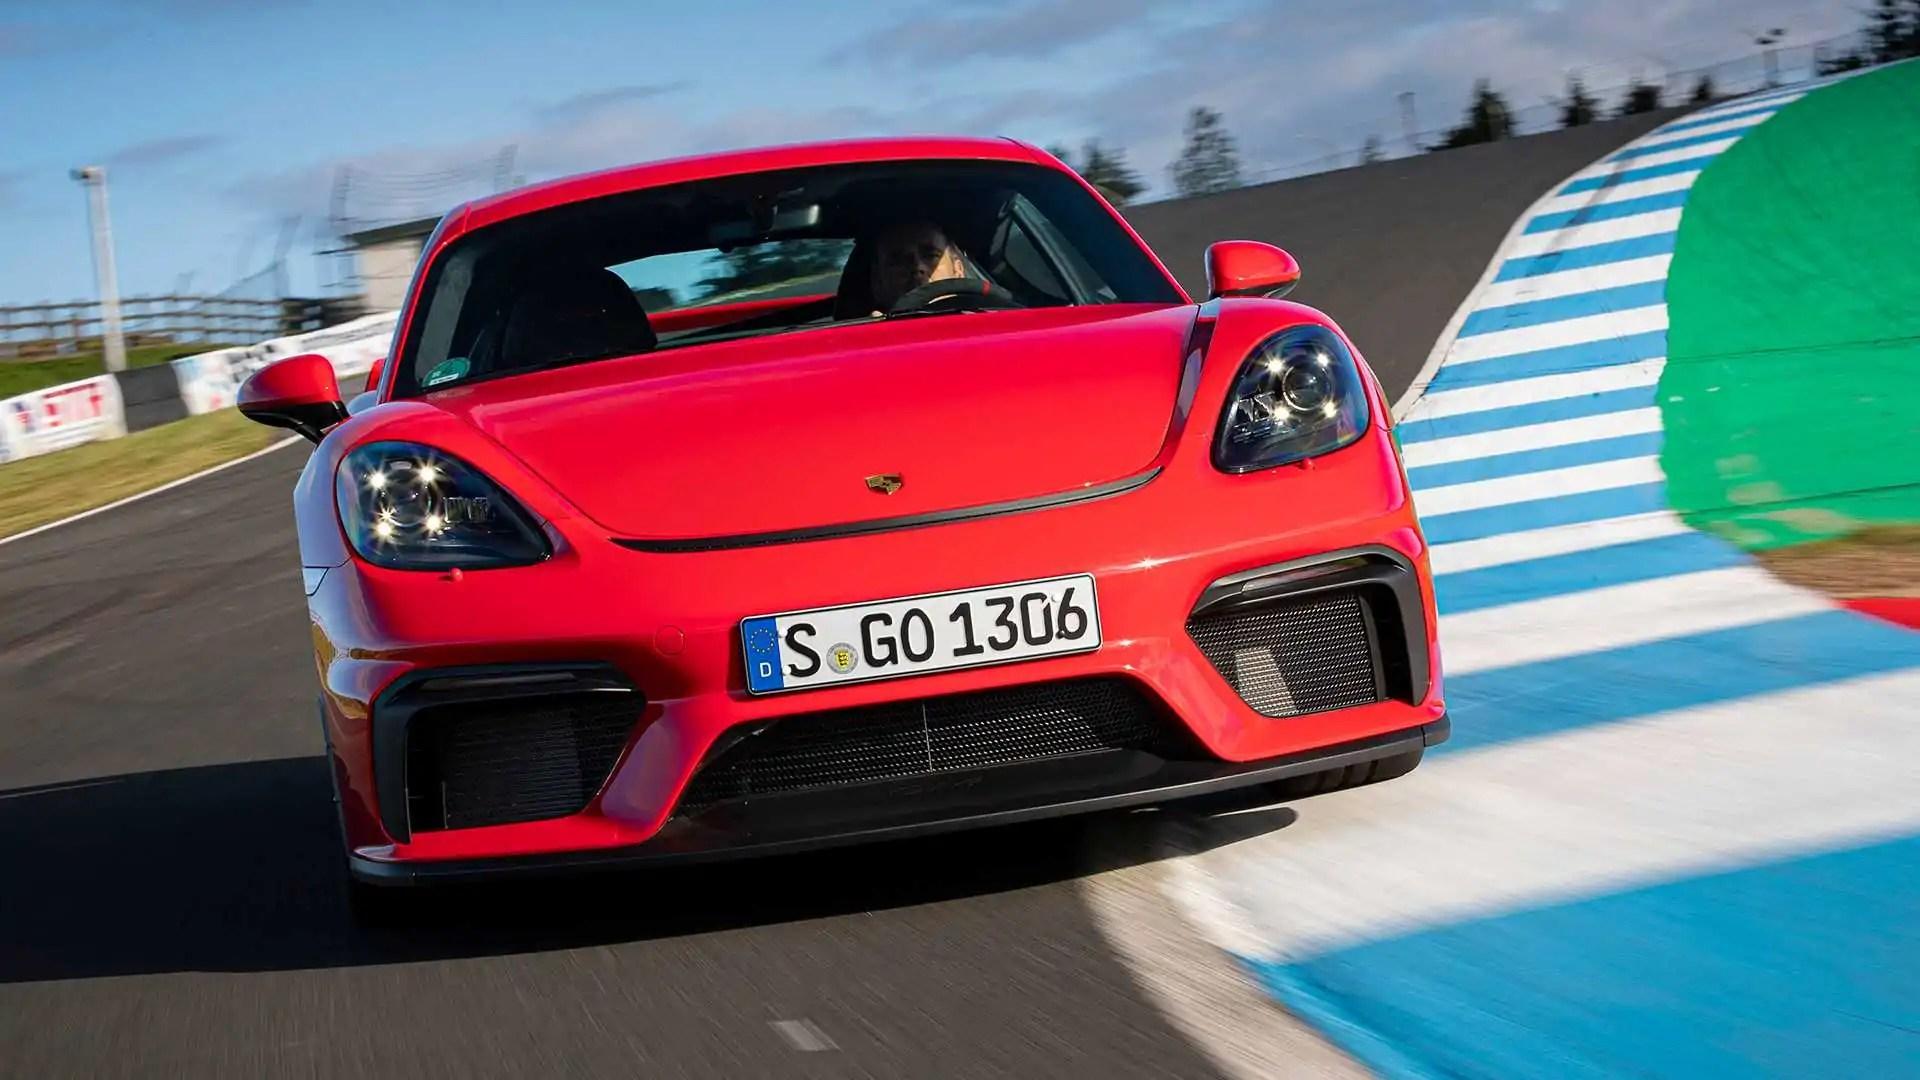 La nuova Porsche Cayman GT4 RS sarà solo un sogno